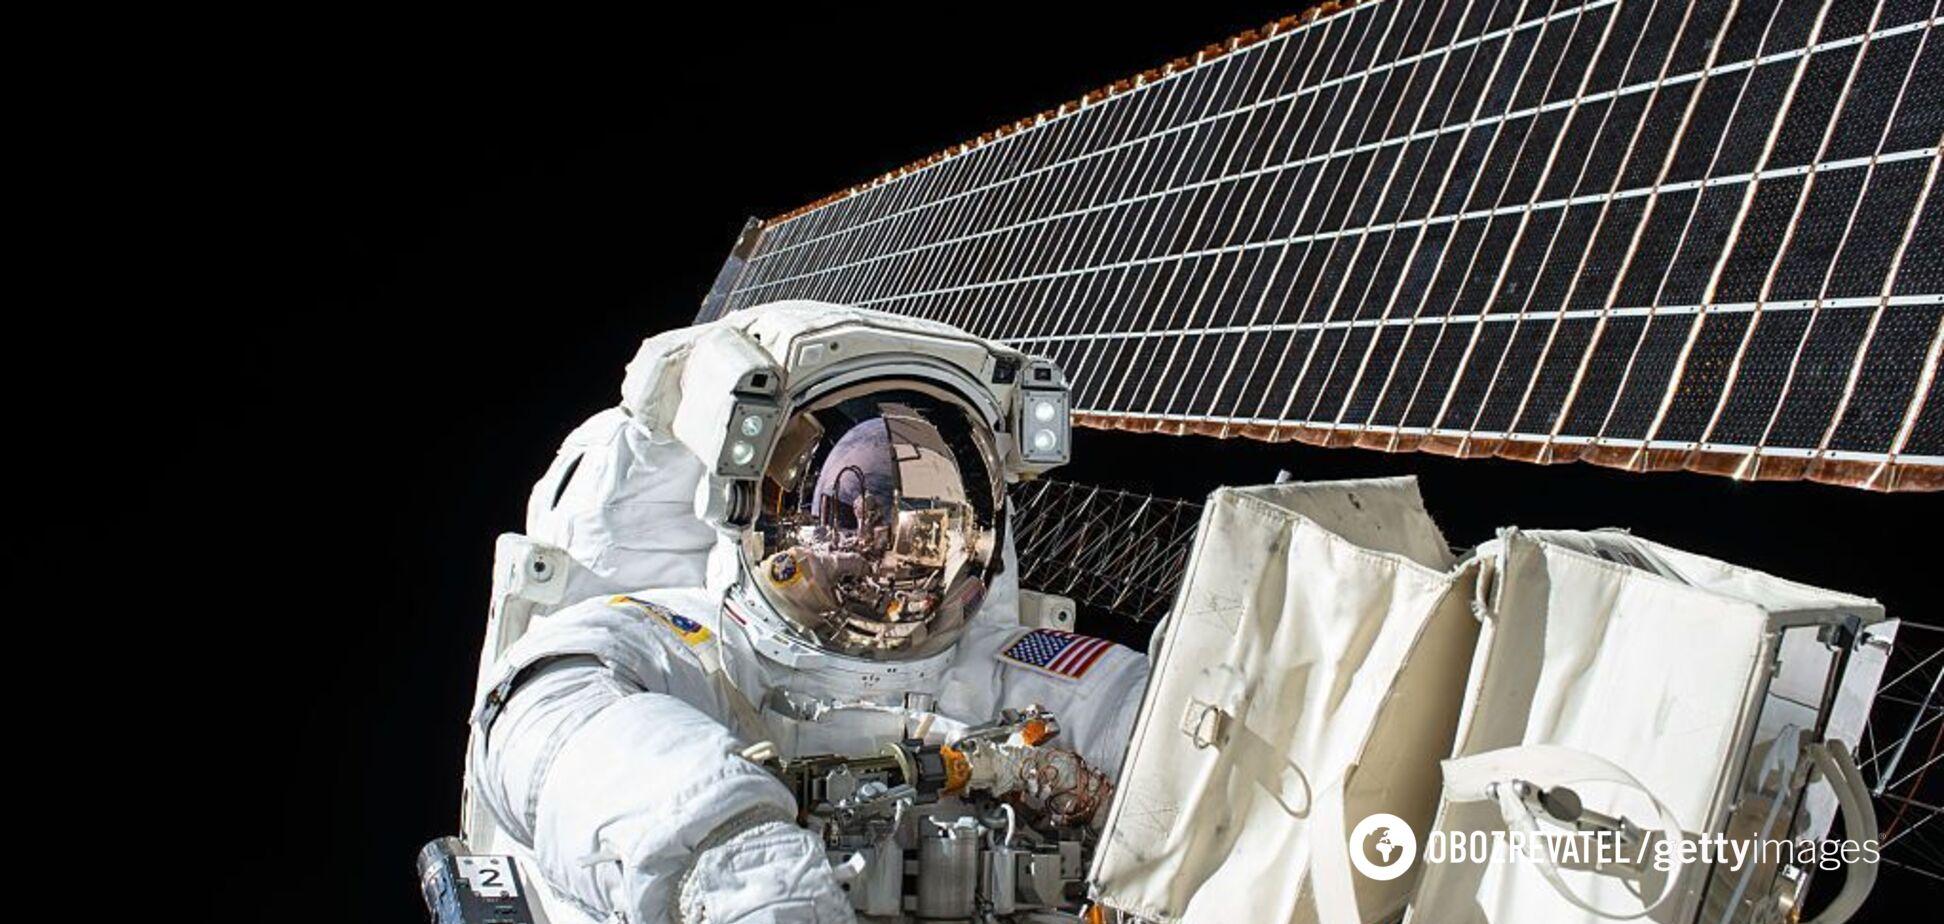 10 років у космосі: вчені розкрили несподівану особливість сонячних батарей